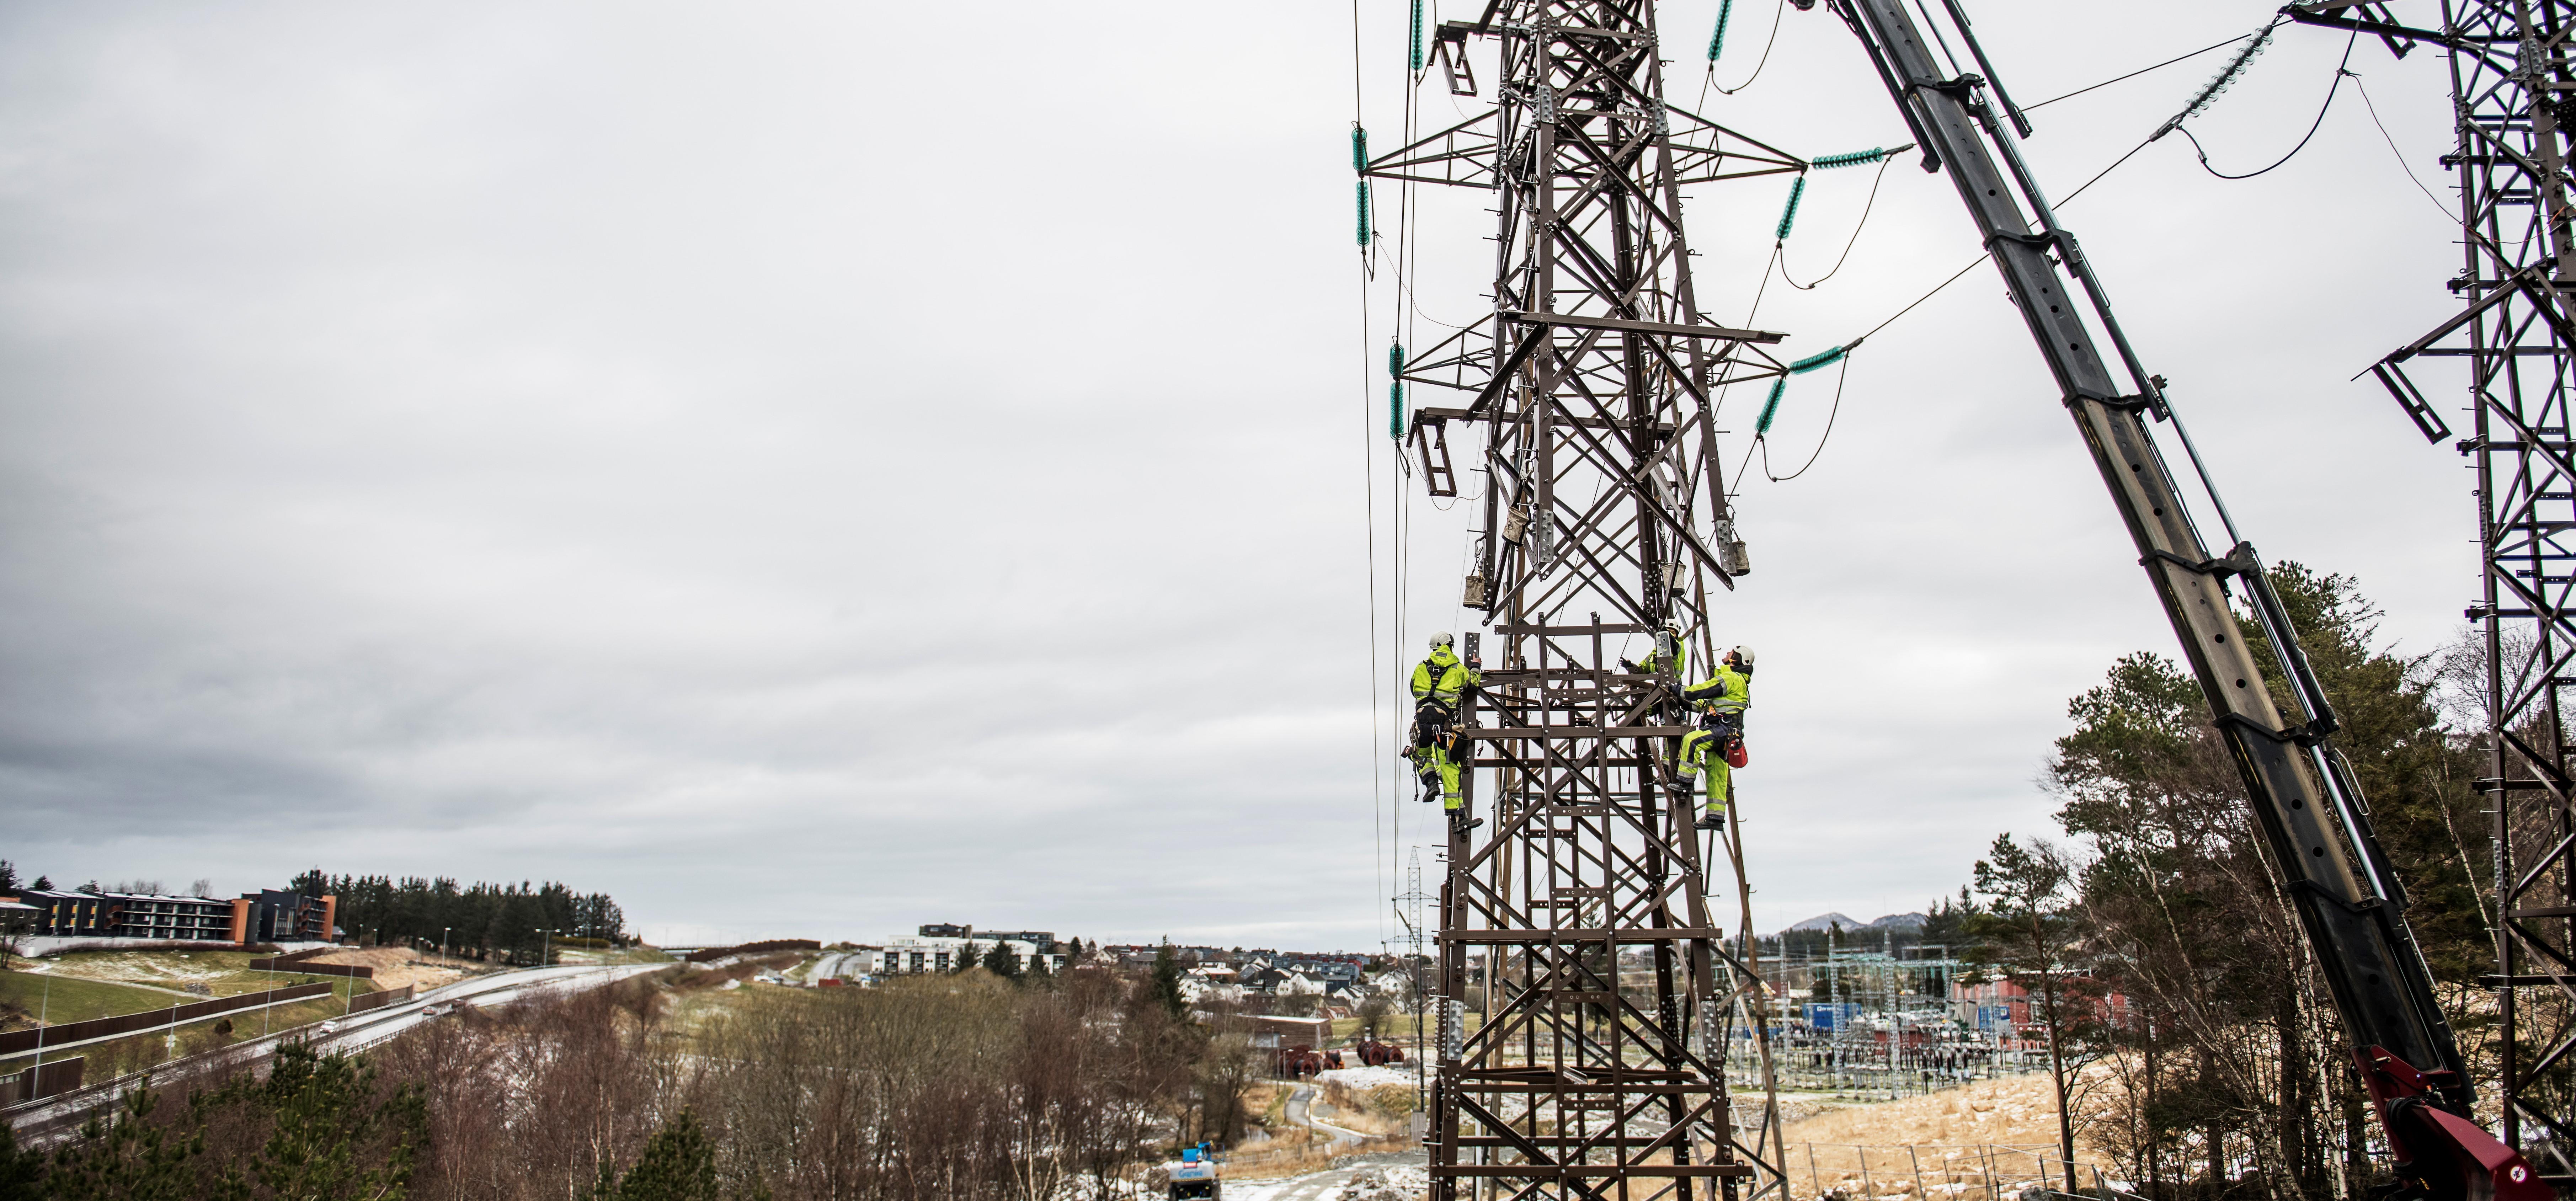 Ny strømmast blir montert i Sandnes for å forsterke overordnet strømnett